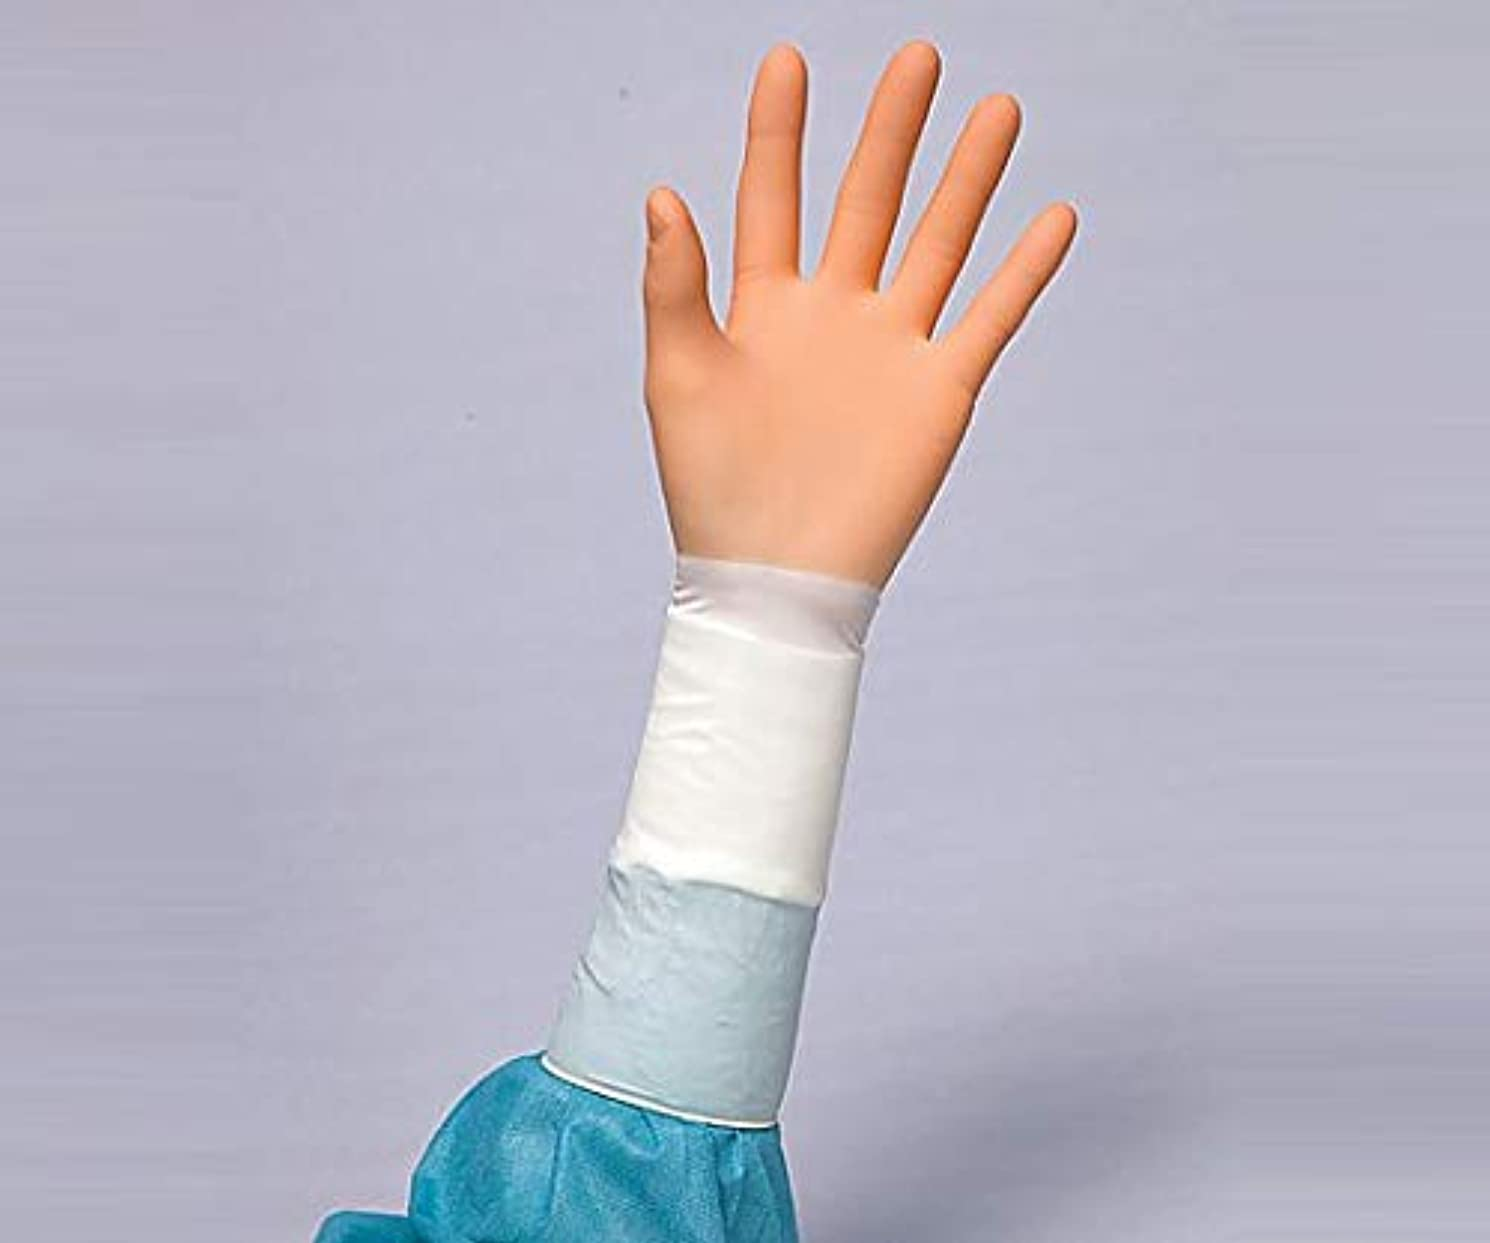 インフルエンザ聖歌ぼんやりしたエンブレム手術用手袋PF 20双 5.5